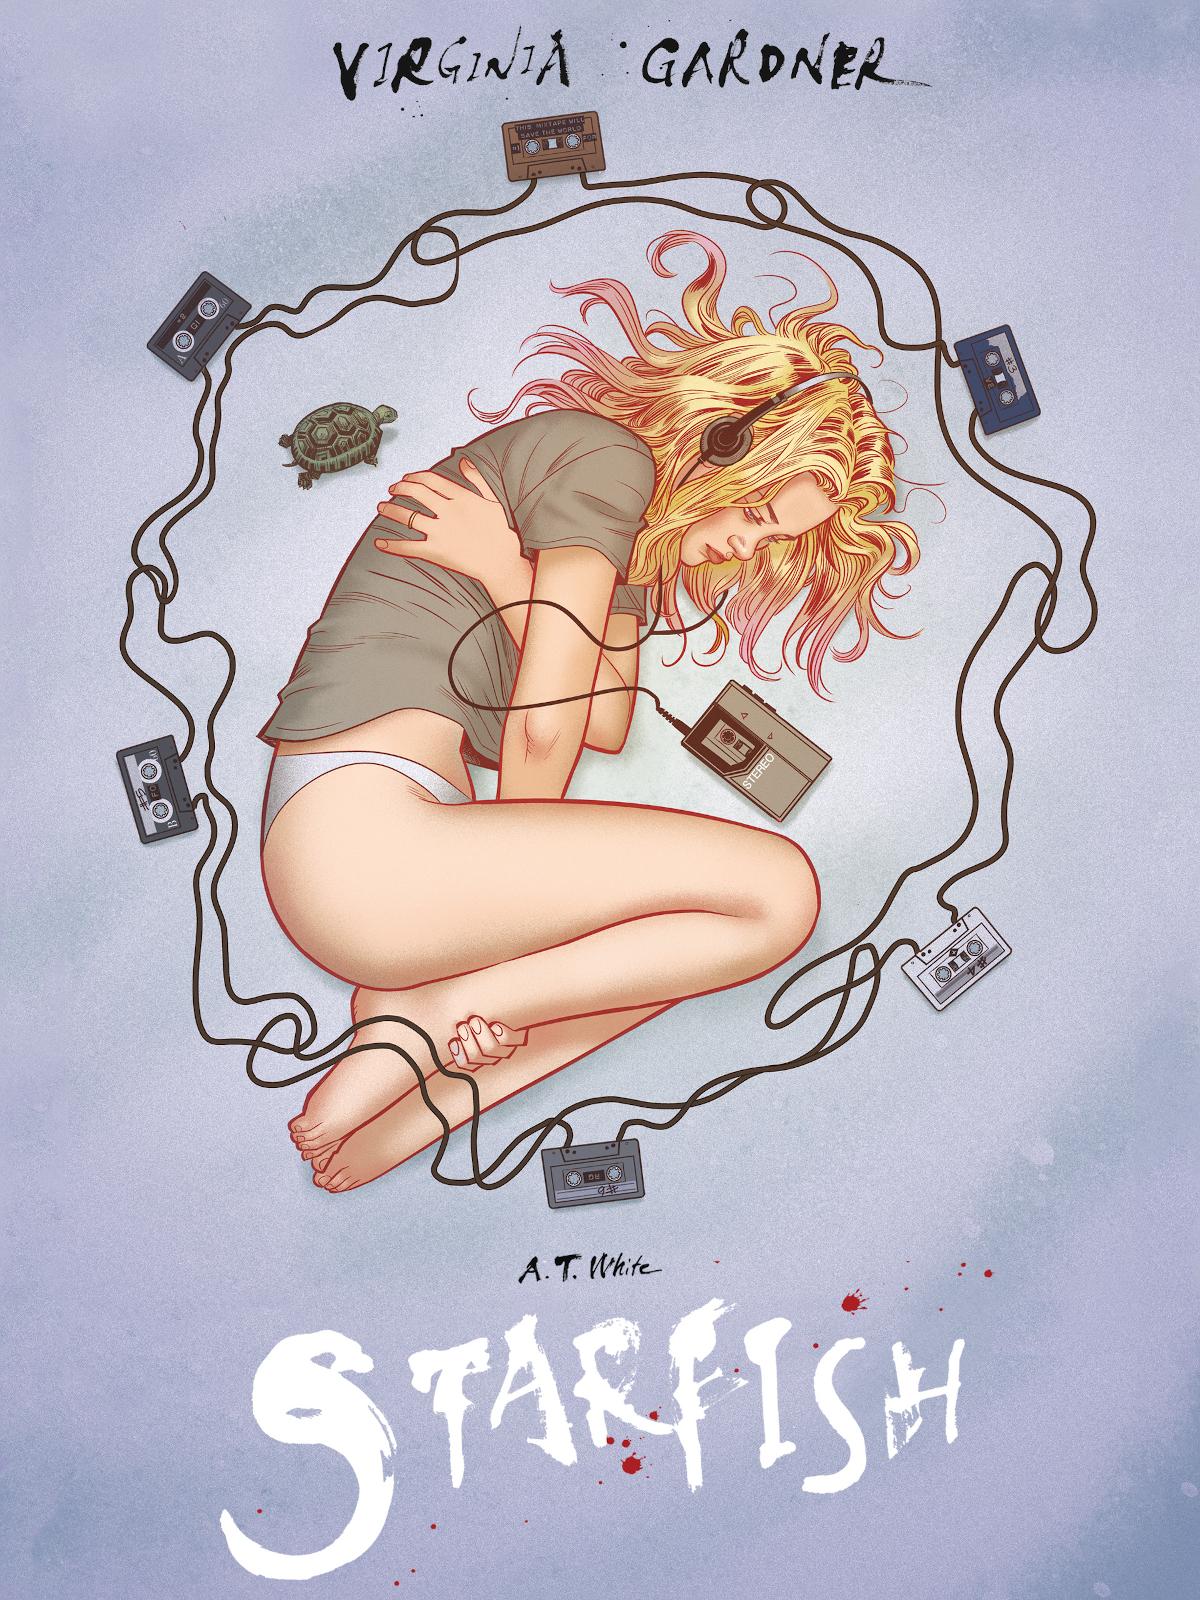 Starfish | White, A.T. (Réalisateur)